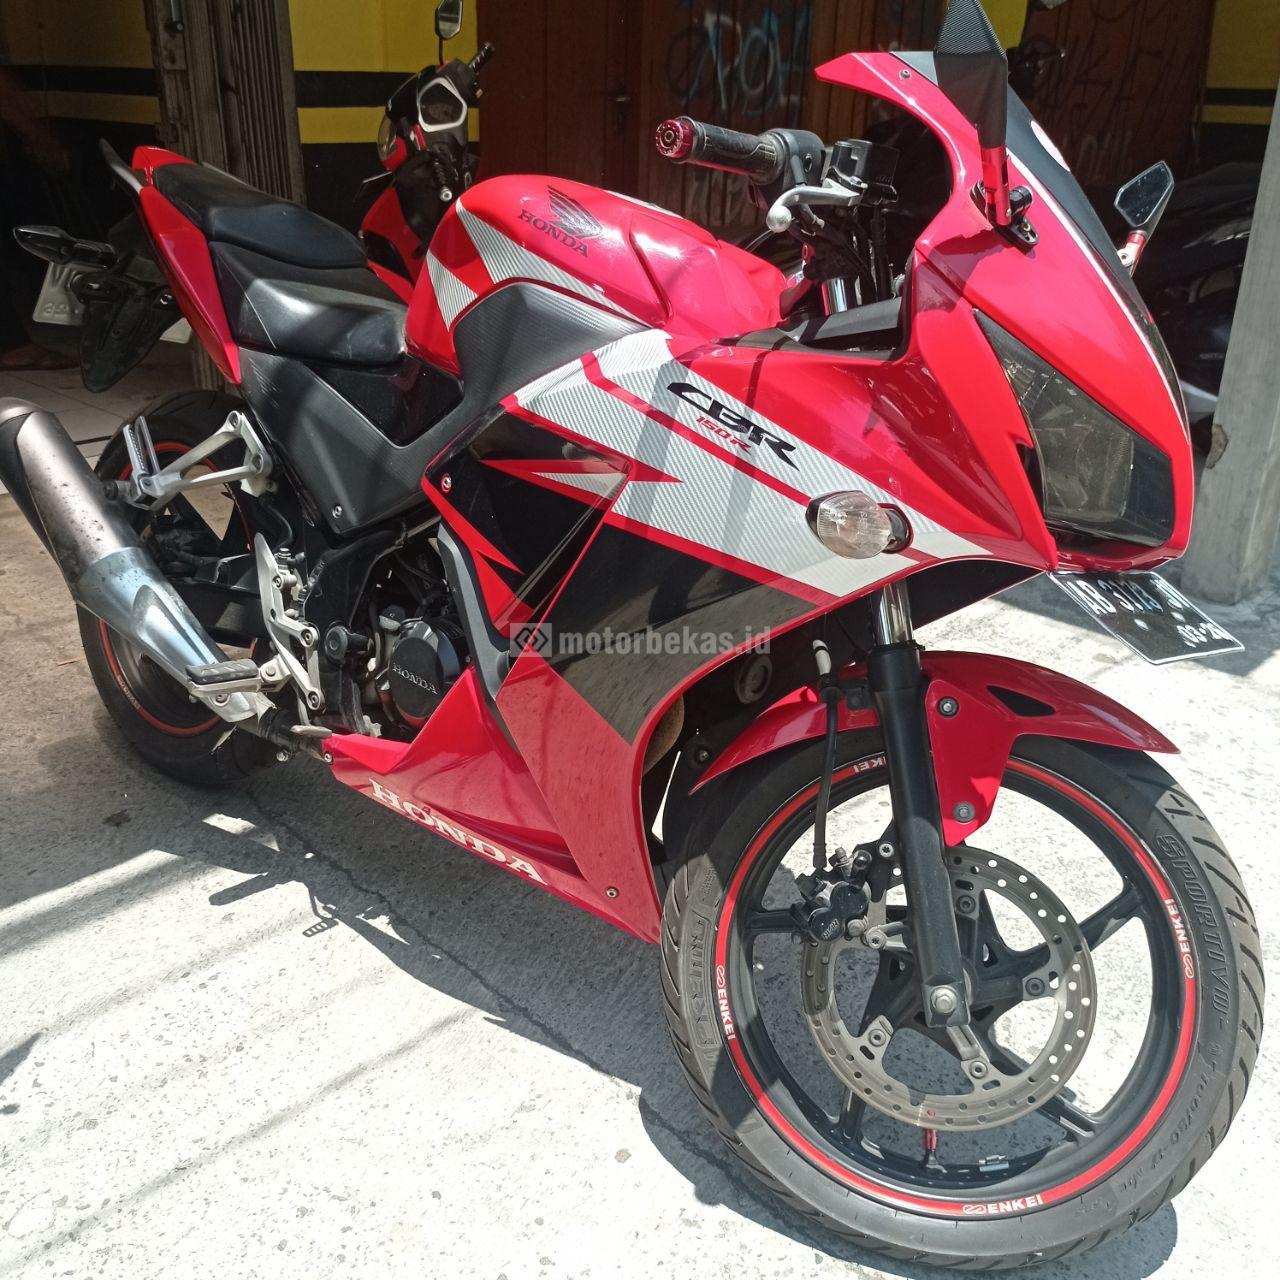 HONDA CBR 150R  2015 motorbekas.id